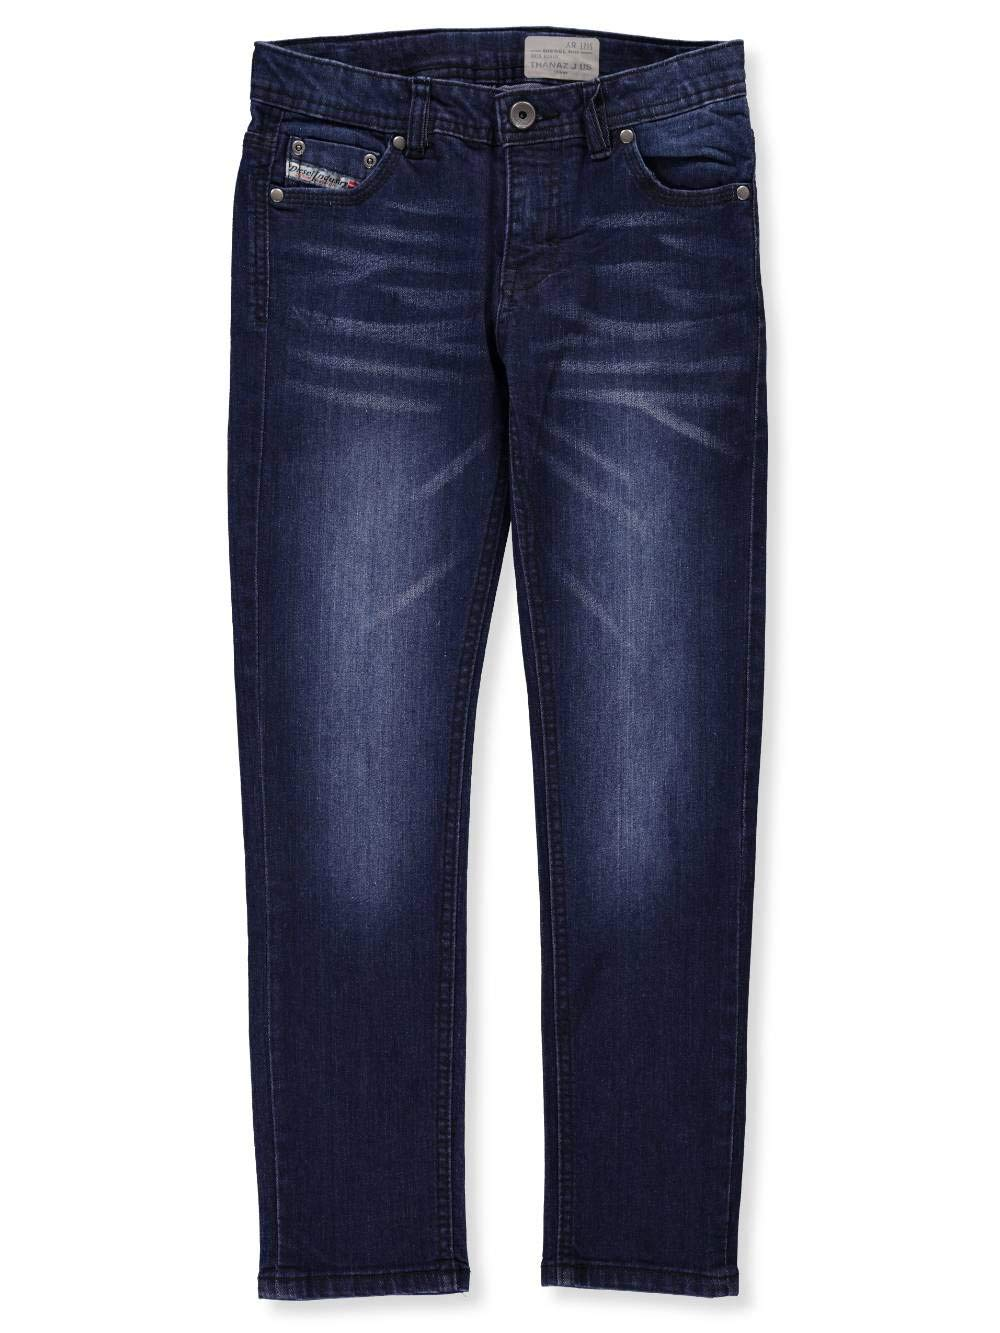 Diesel Boys Essential Denim Jean